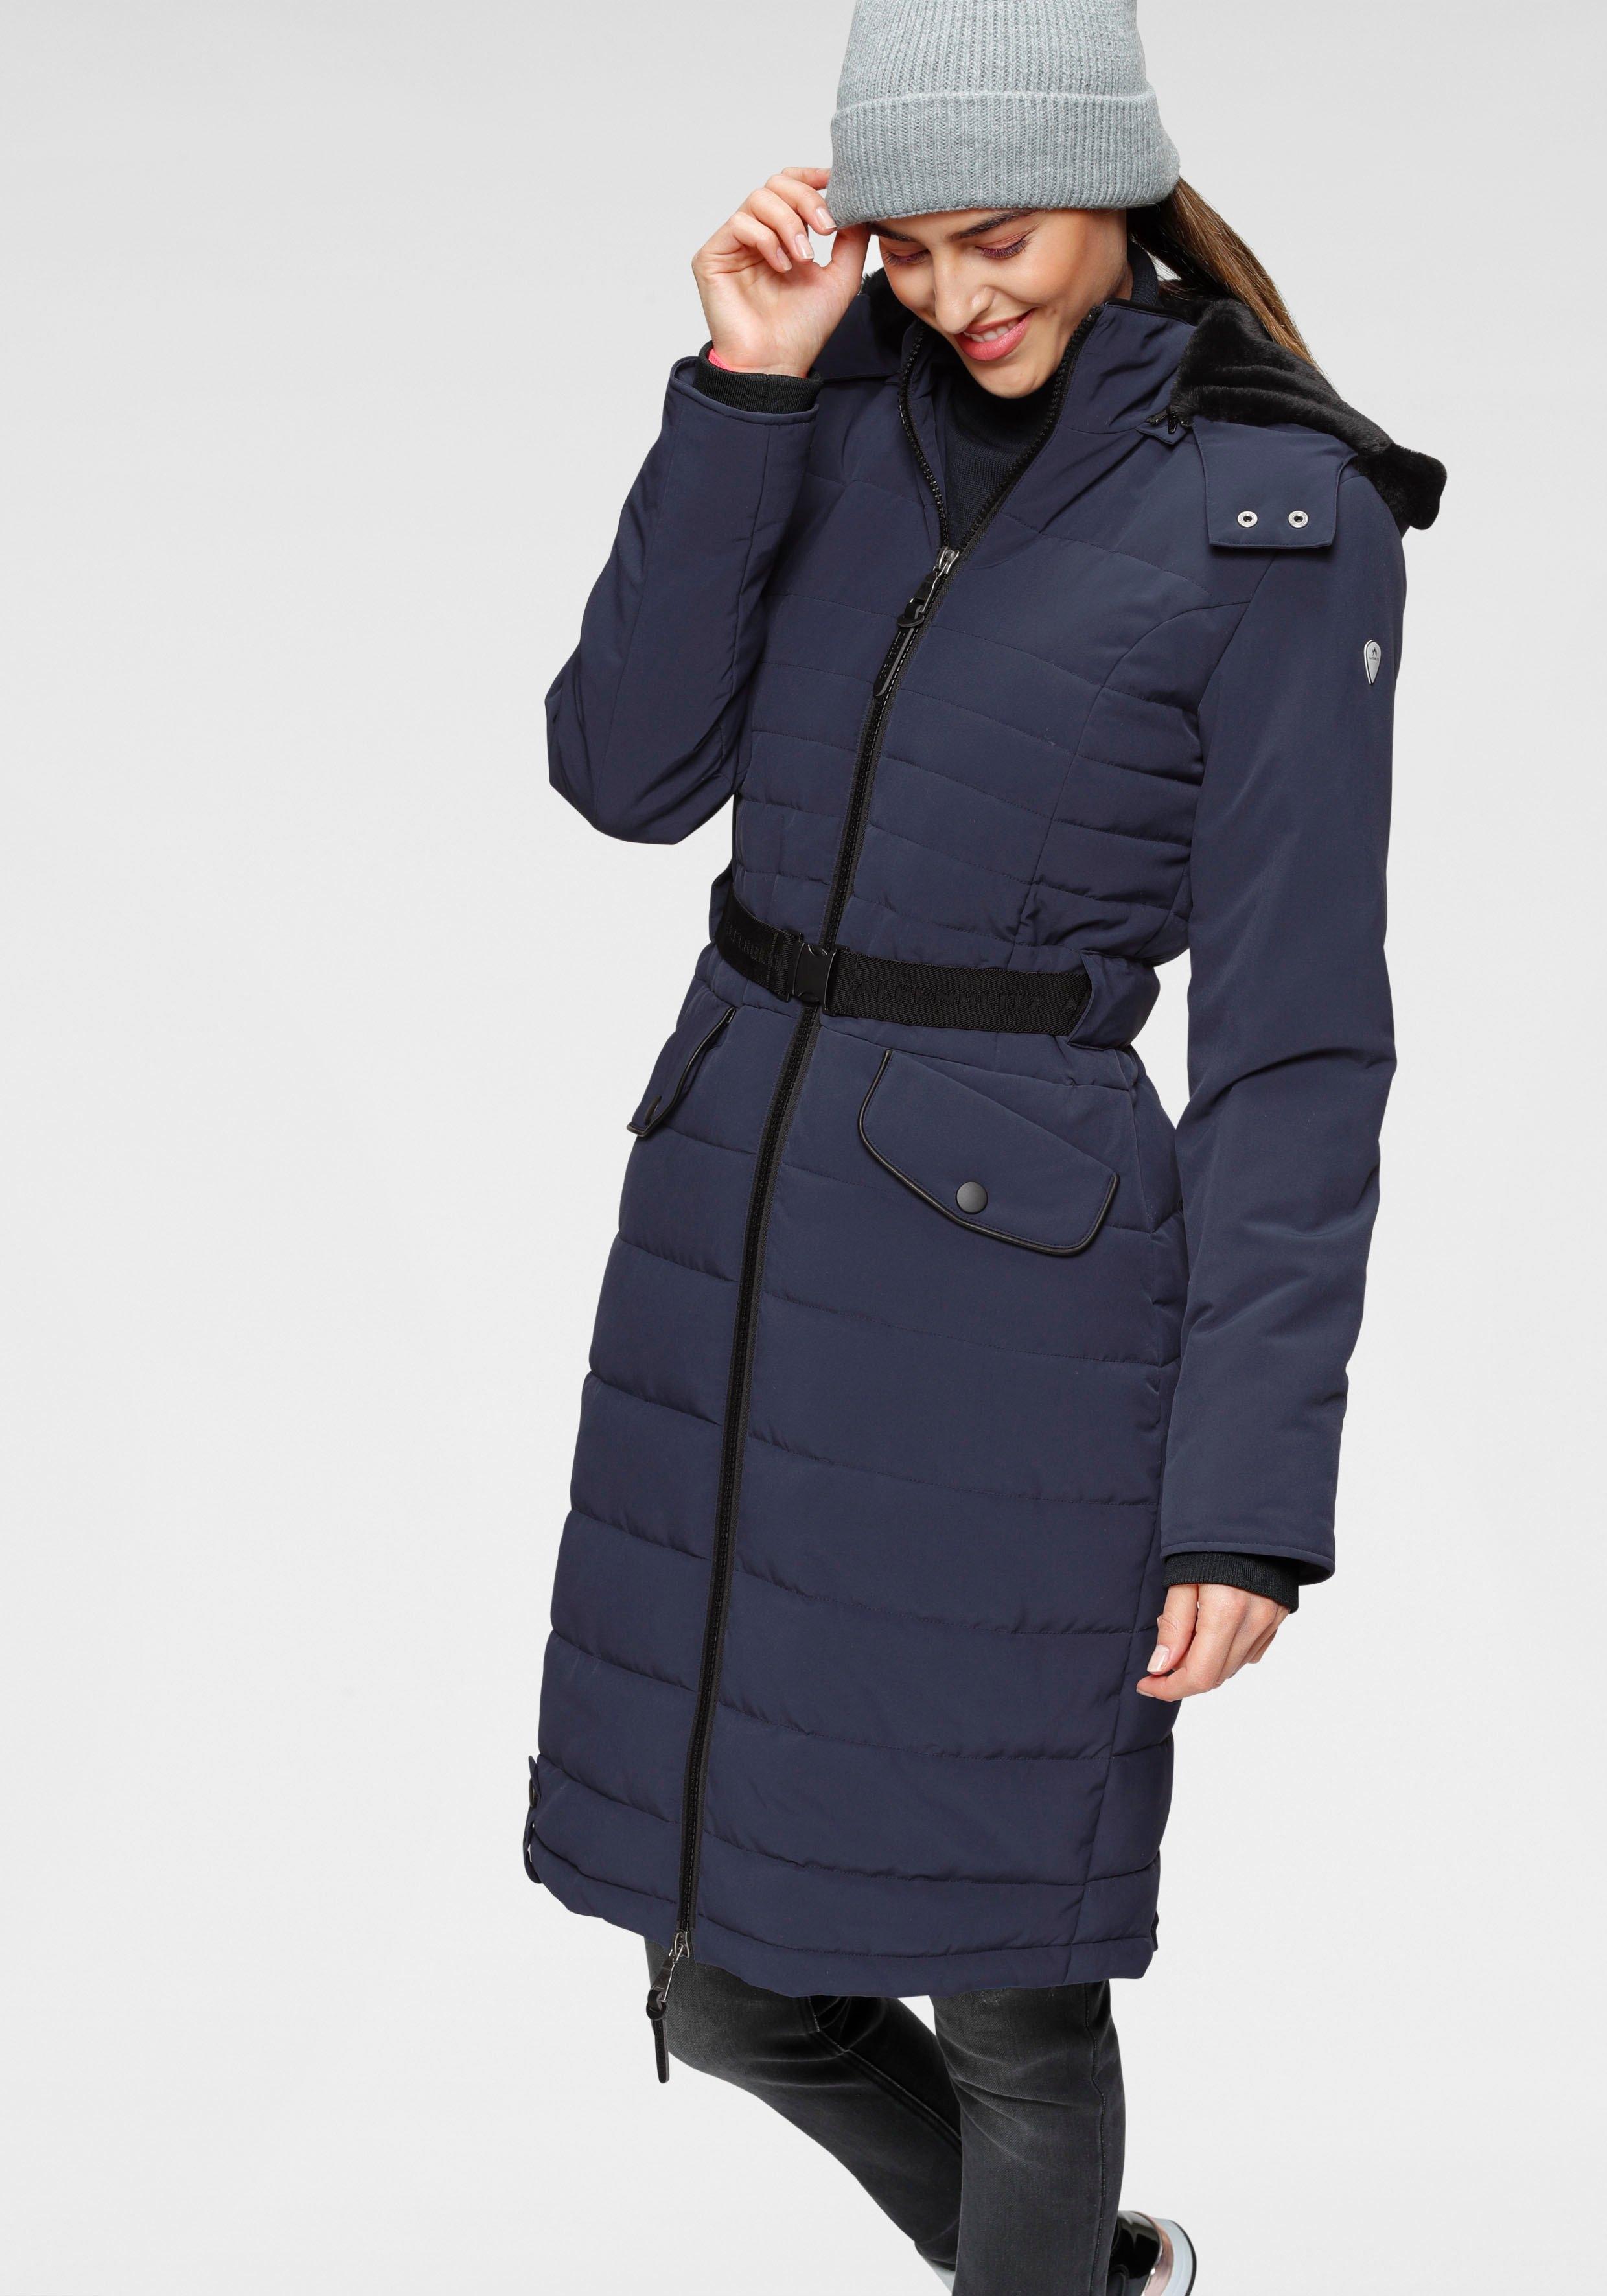 ALPENBLITZ doorgestikte jas Oslo long hoogwaardige doorgestikte mantel met merkstempel op de elastische riem en afneembare knuffelzachte capuchon - gratis ruilen op otto.nl